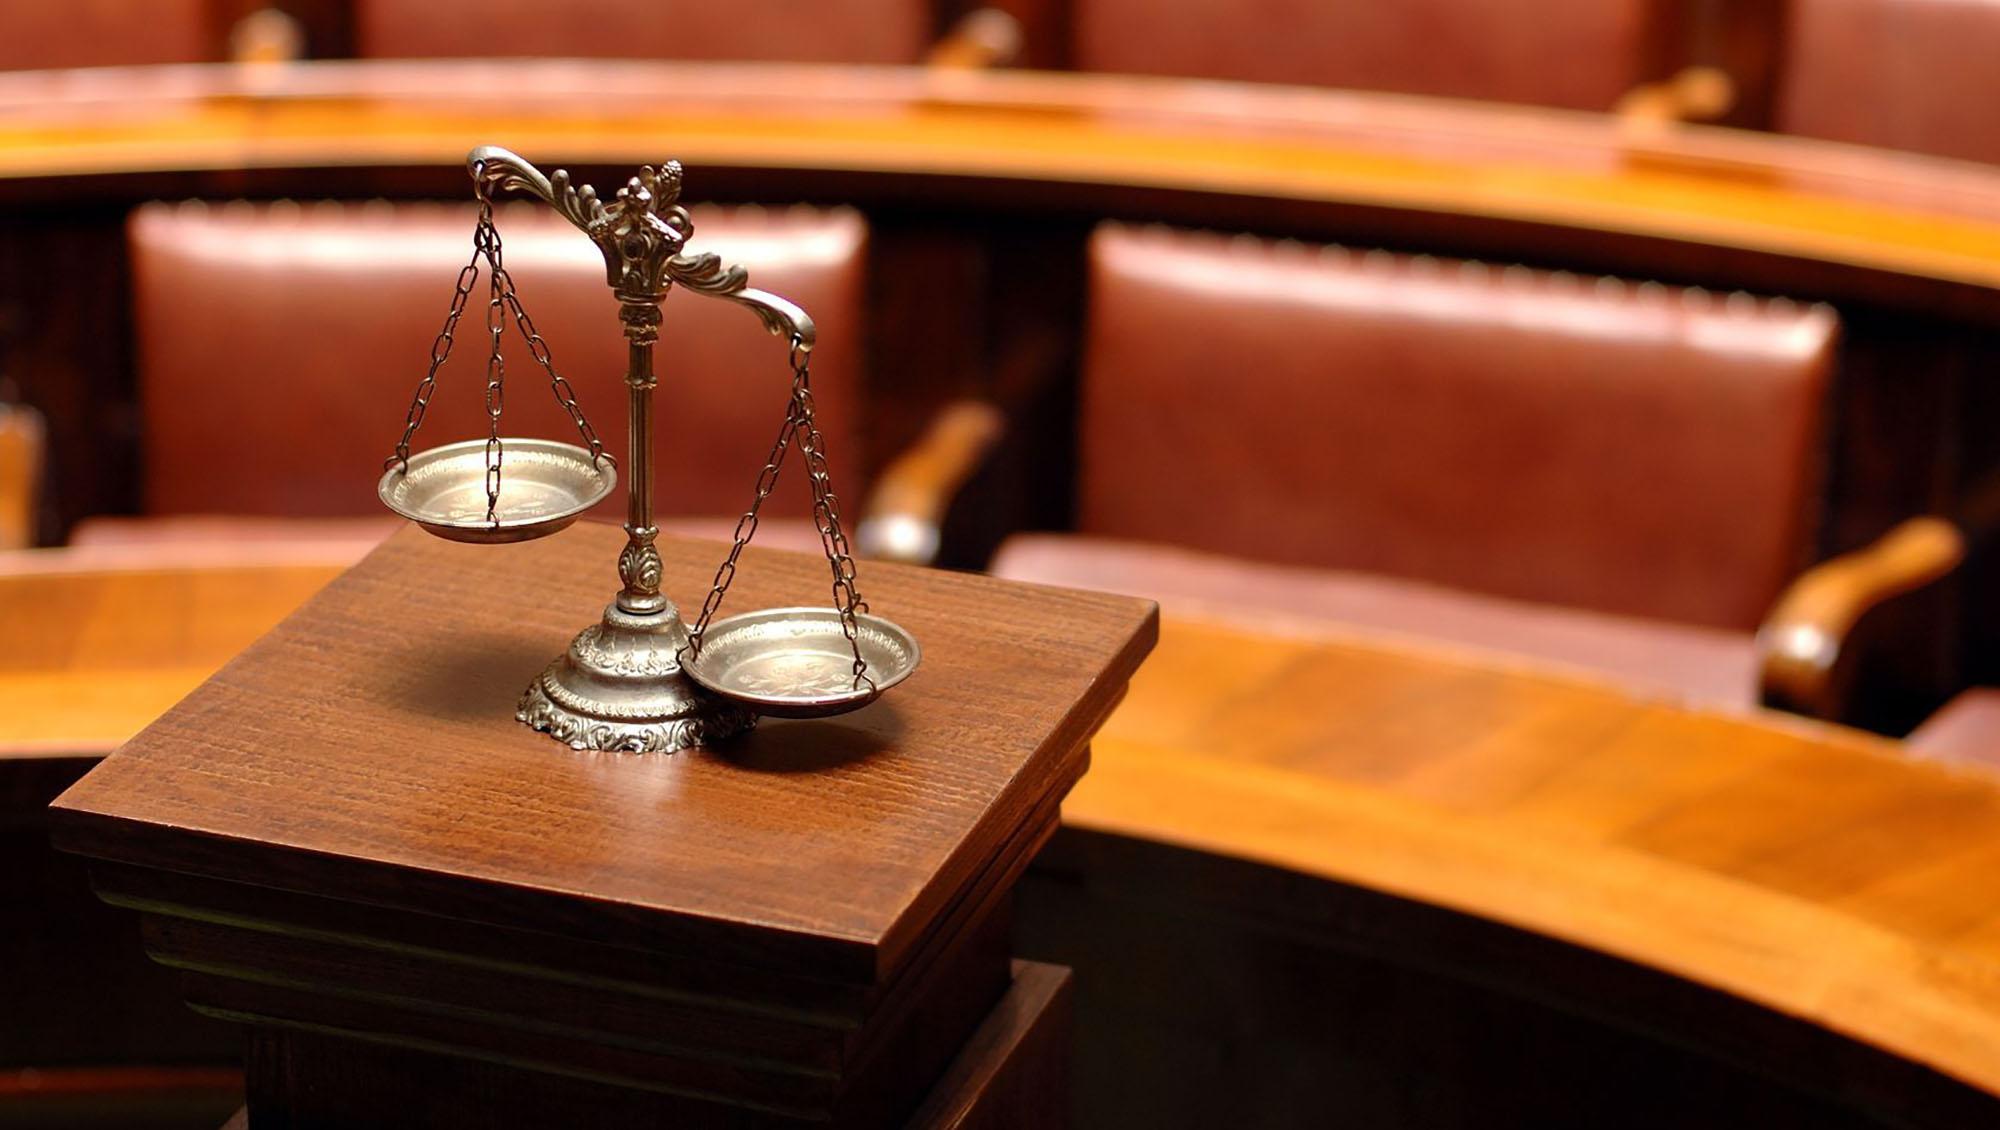 avocat justice tribunal droit loi juge